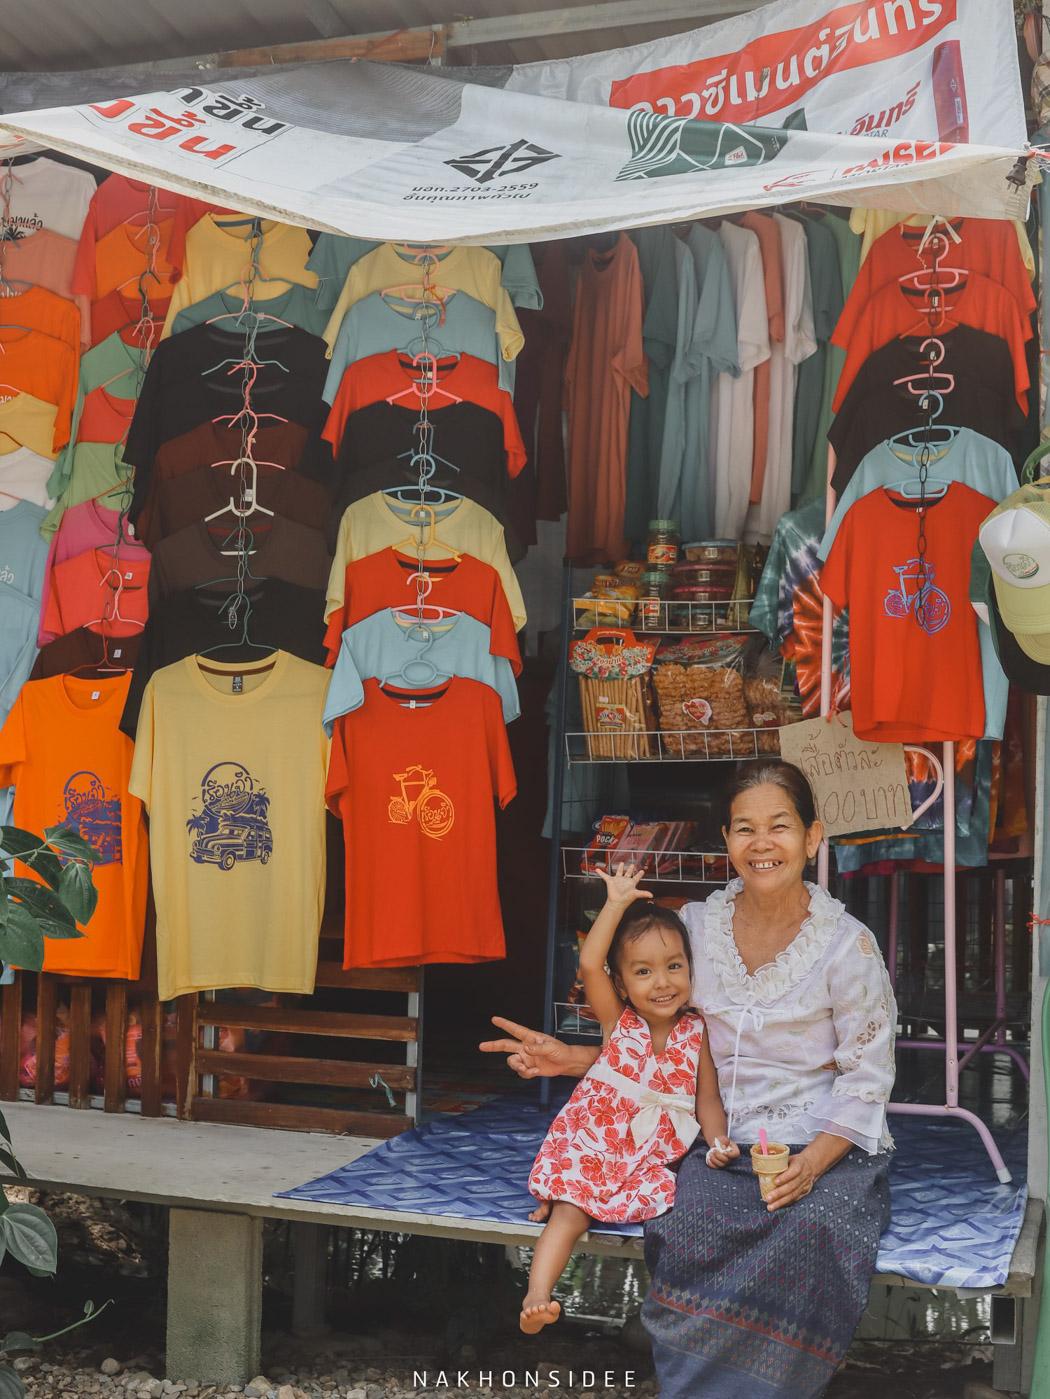 มีโซนร้านค้า ผลิตภัณฑ์จากชุมชนด้วยน้า ท่าศาลา,ที่เที่ยว,จุดเช็คอิน,ที่พัก,ของกิน,อร่อย,เด็ด